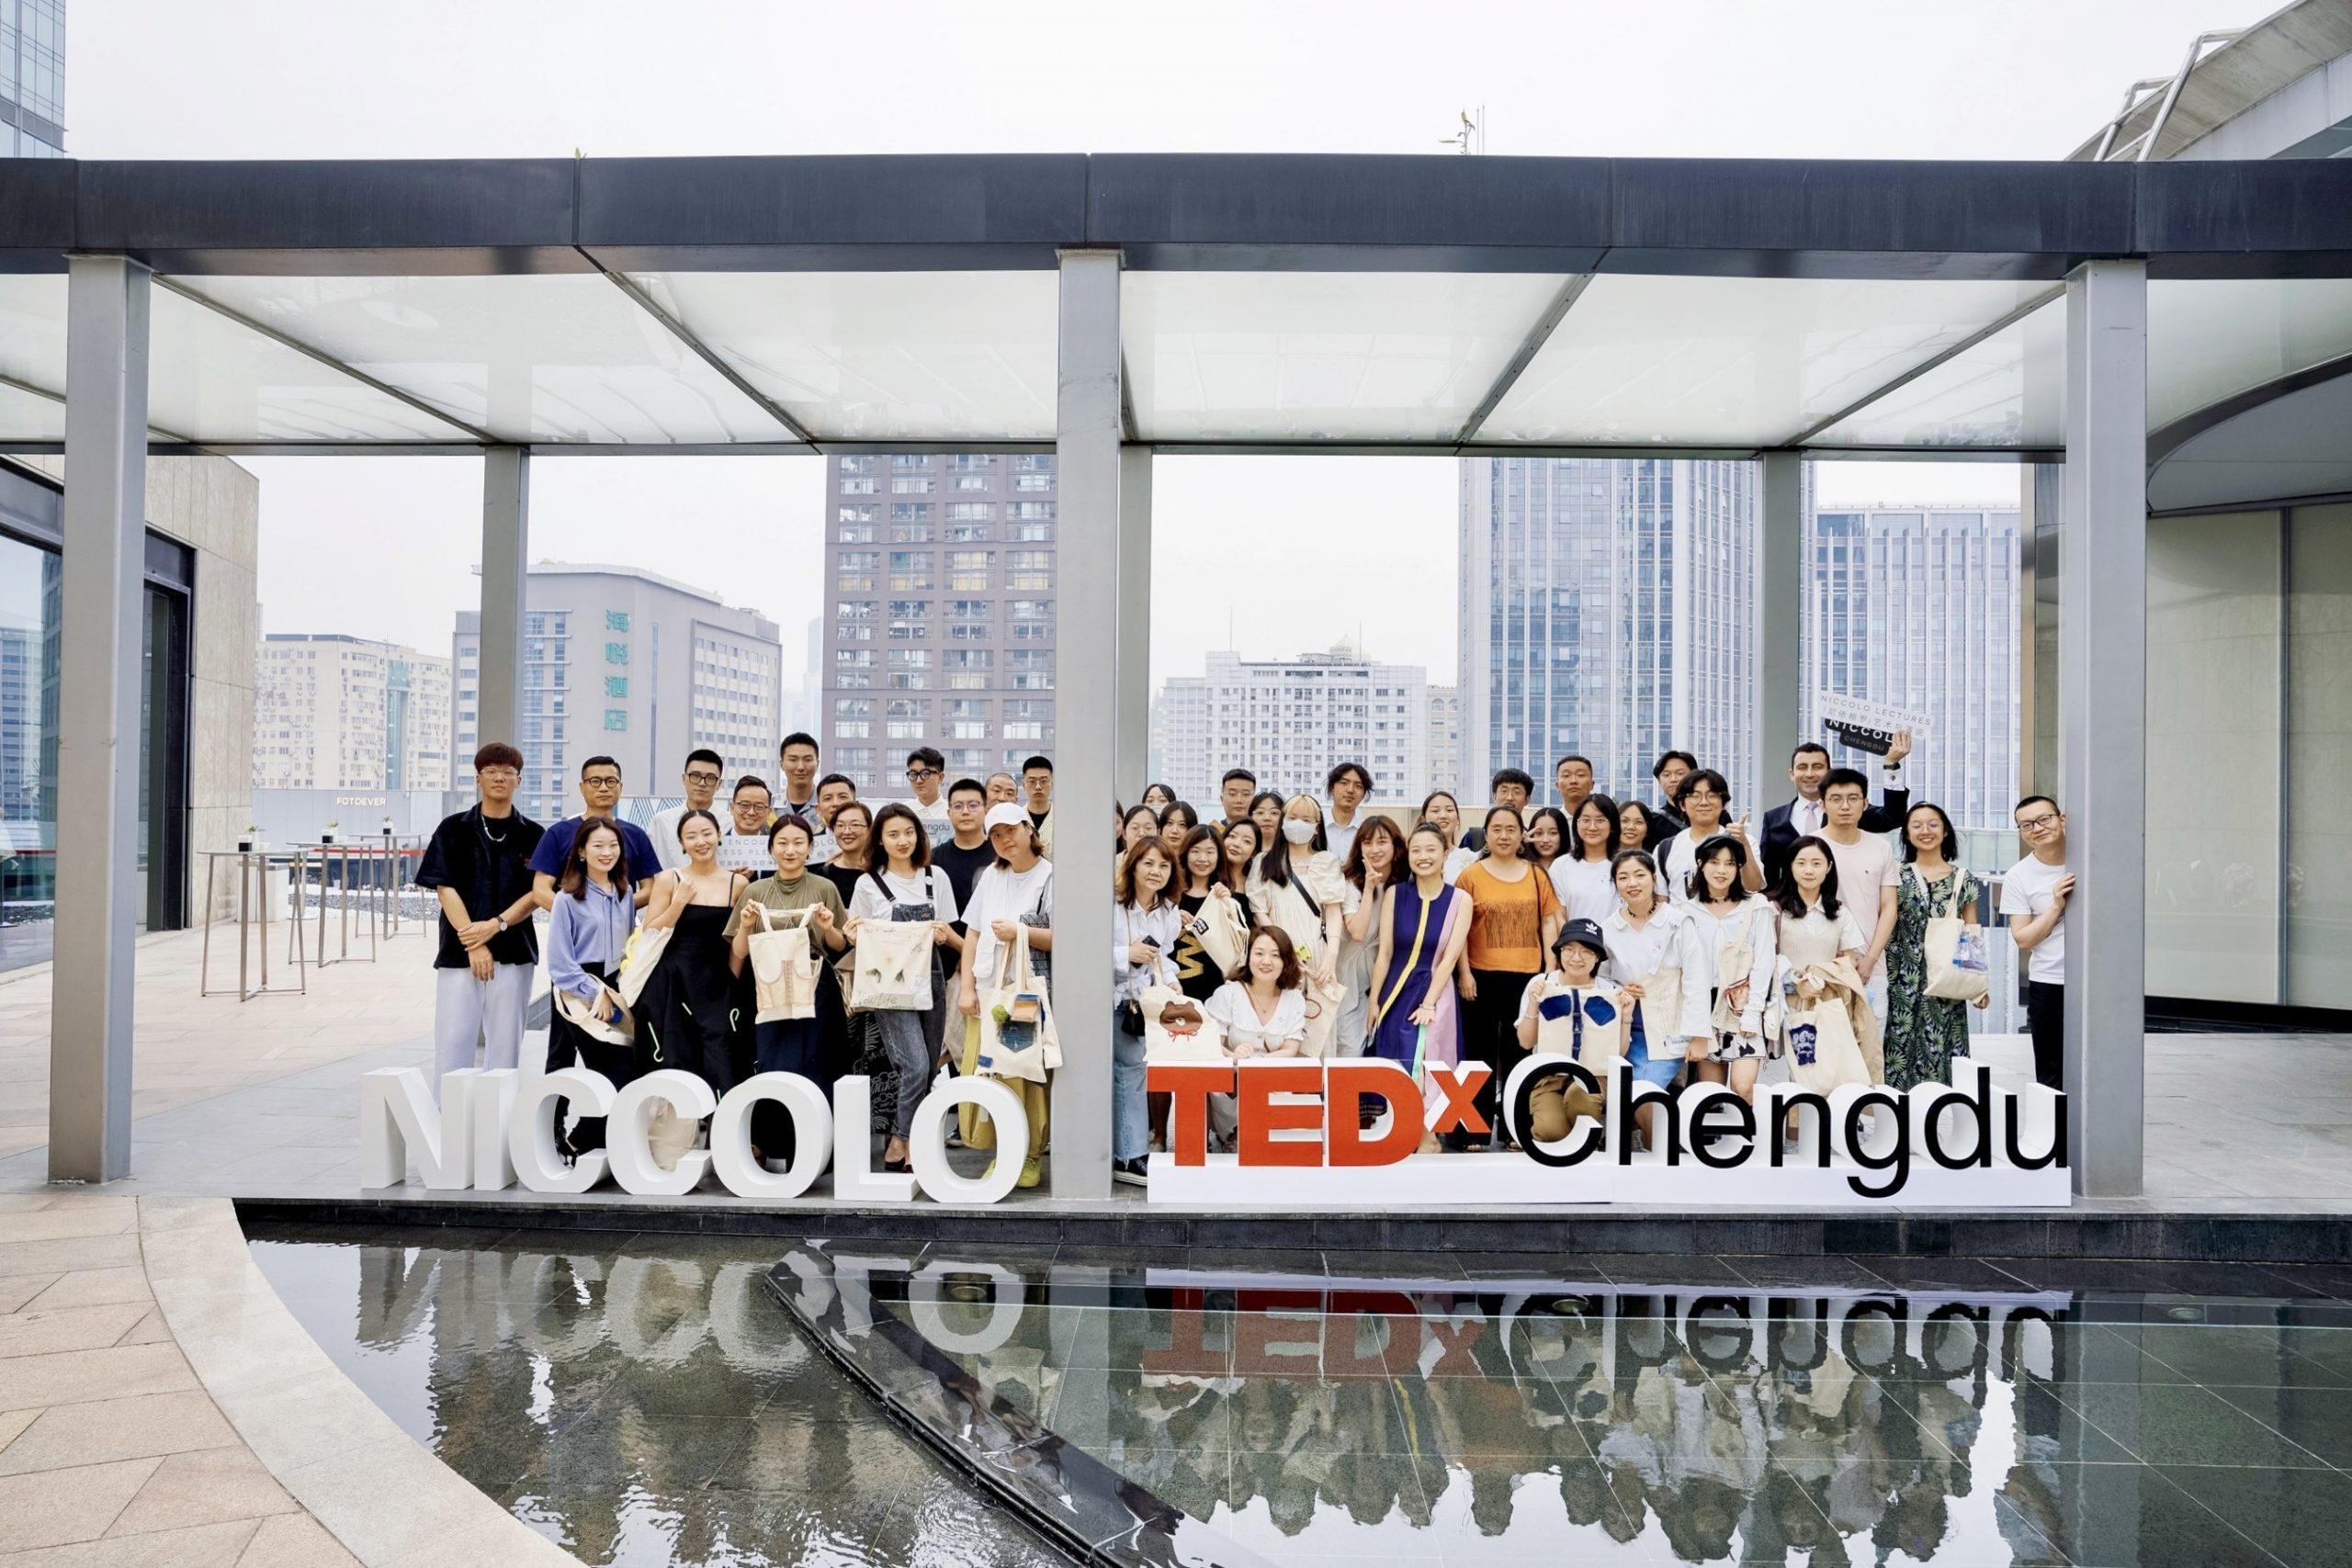 成都尼依格罗酒店举办尼依格罗艺术与演说活动 | Niccolo Chengdu Hosts Niccolo Lectures